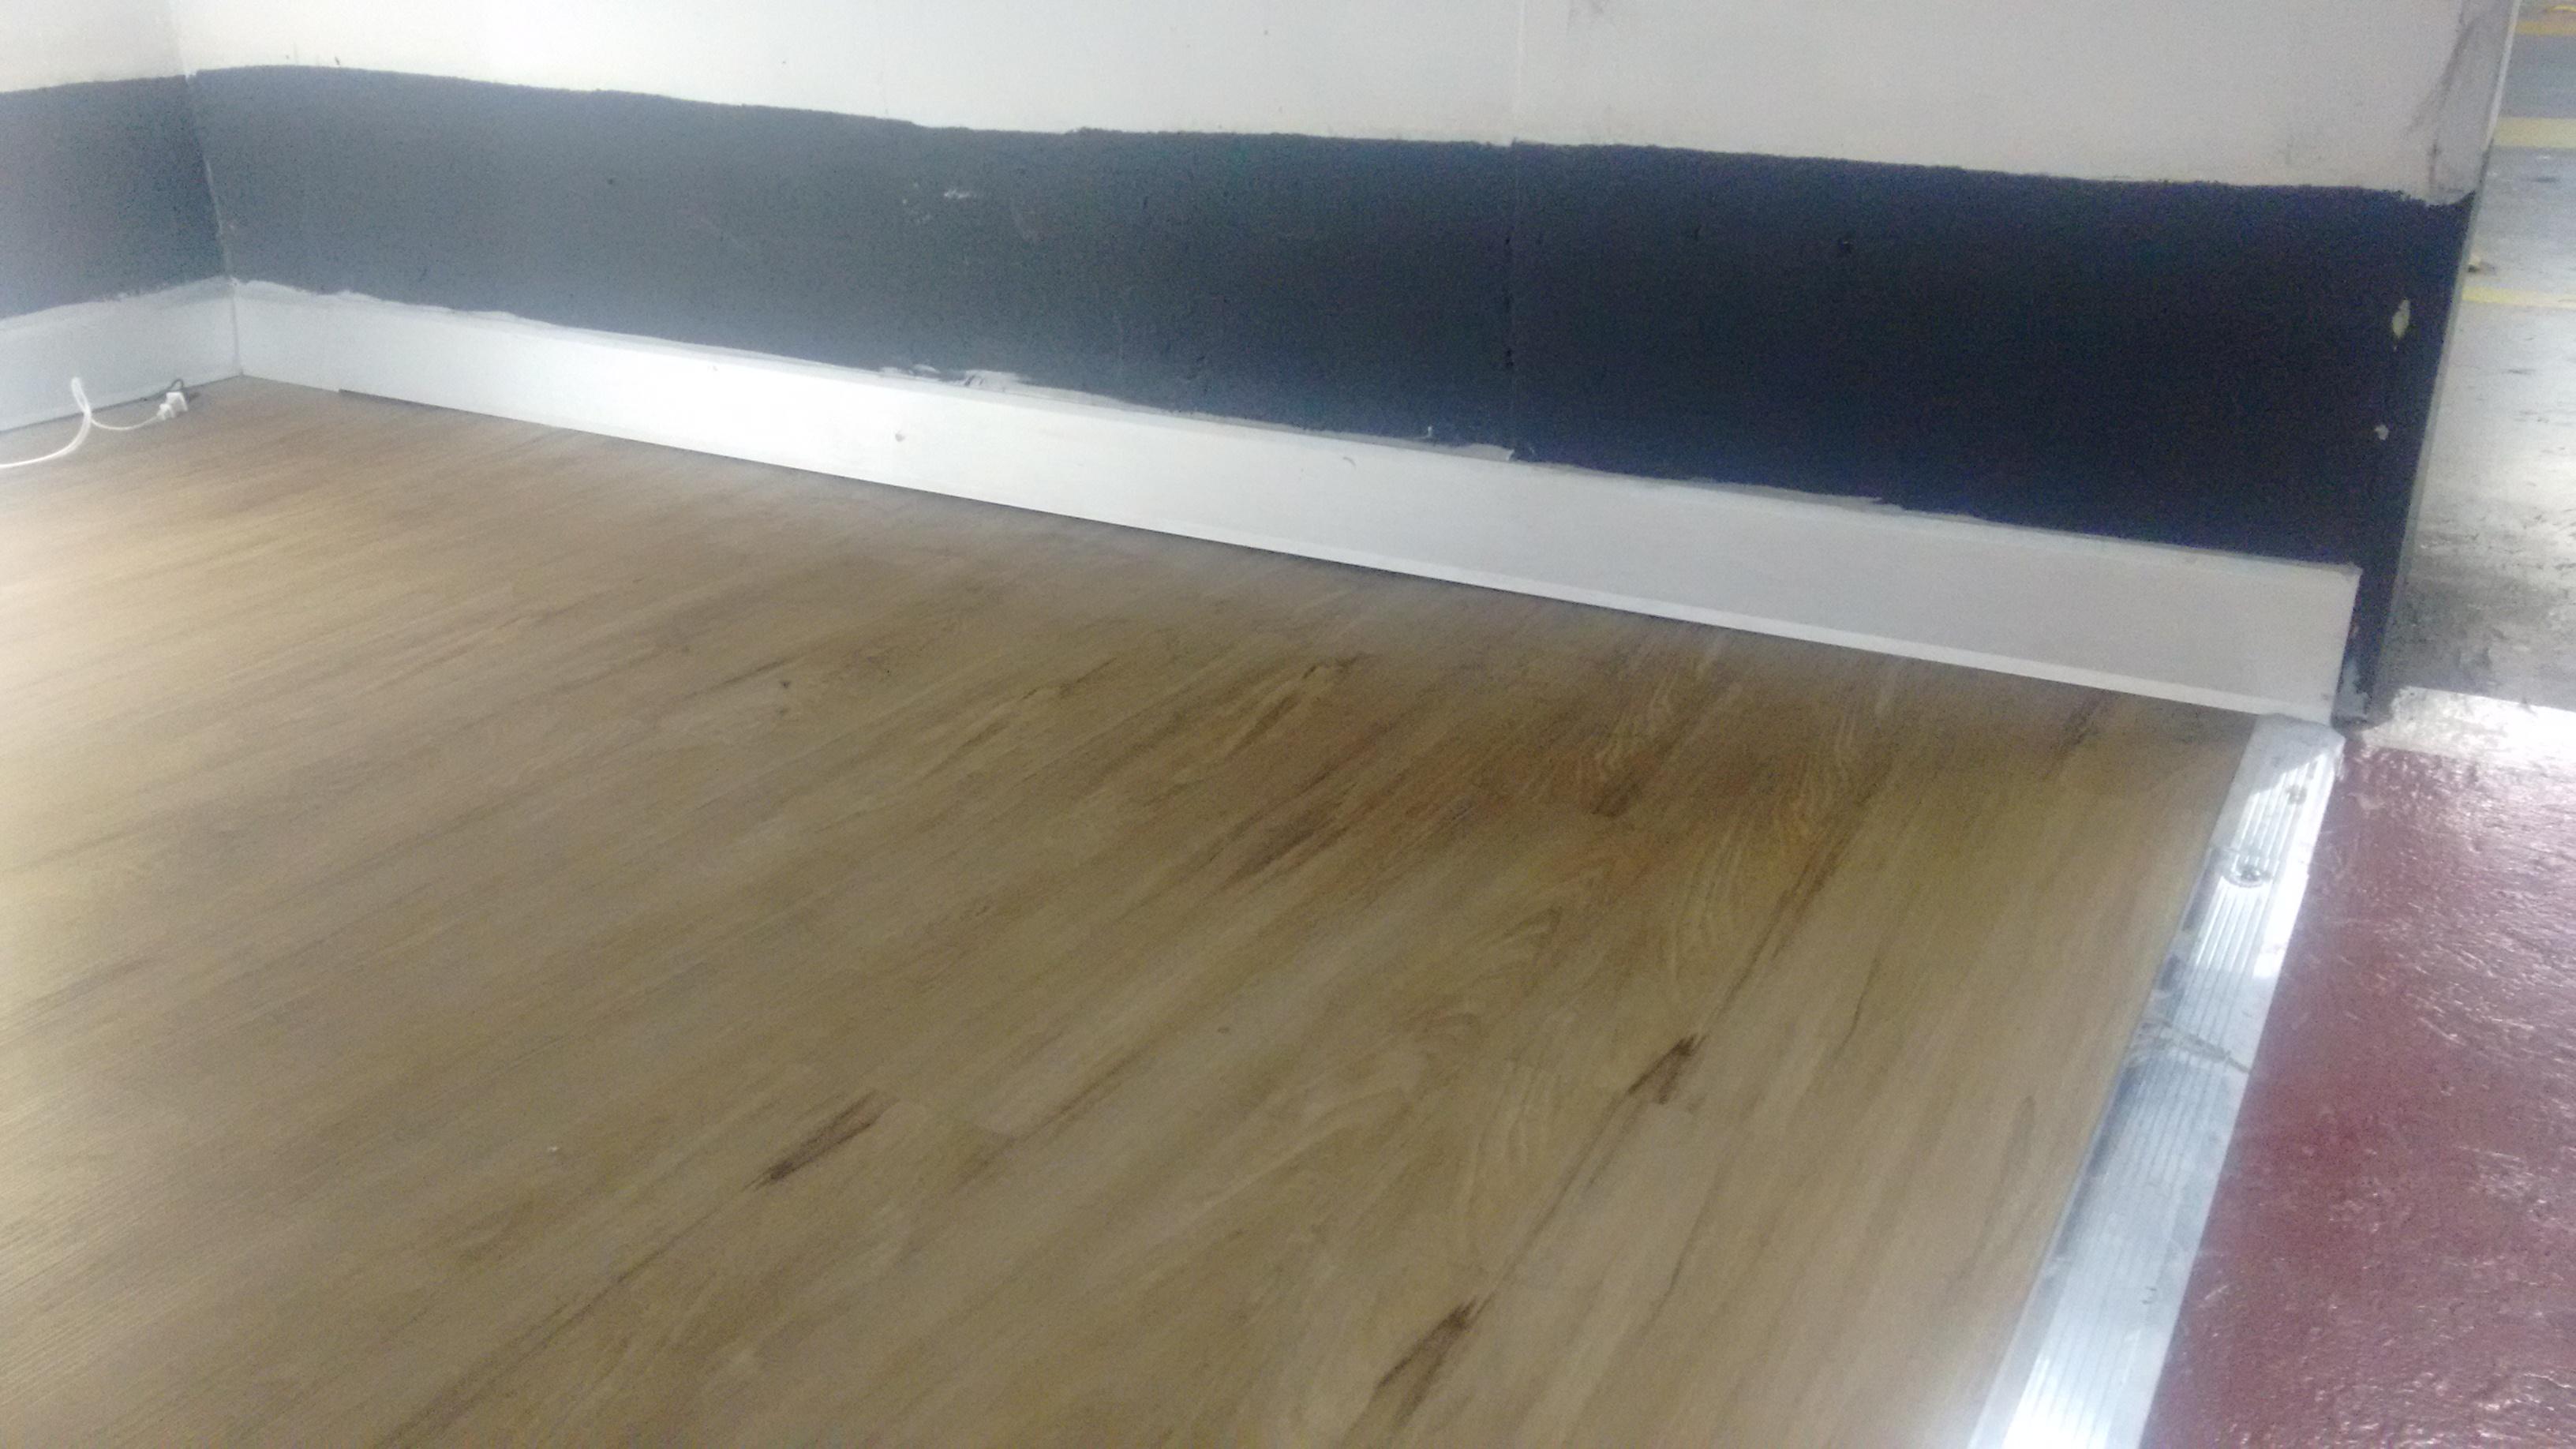 12552 XILON FLOOR VINILO PVC